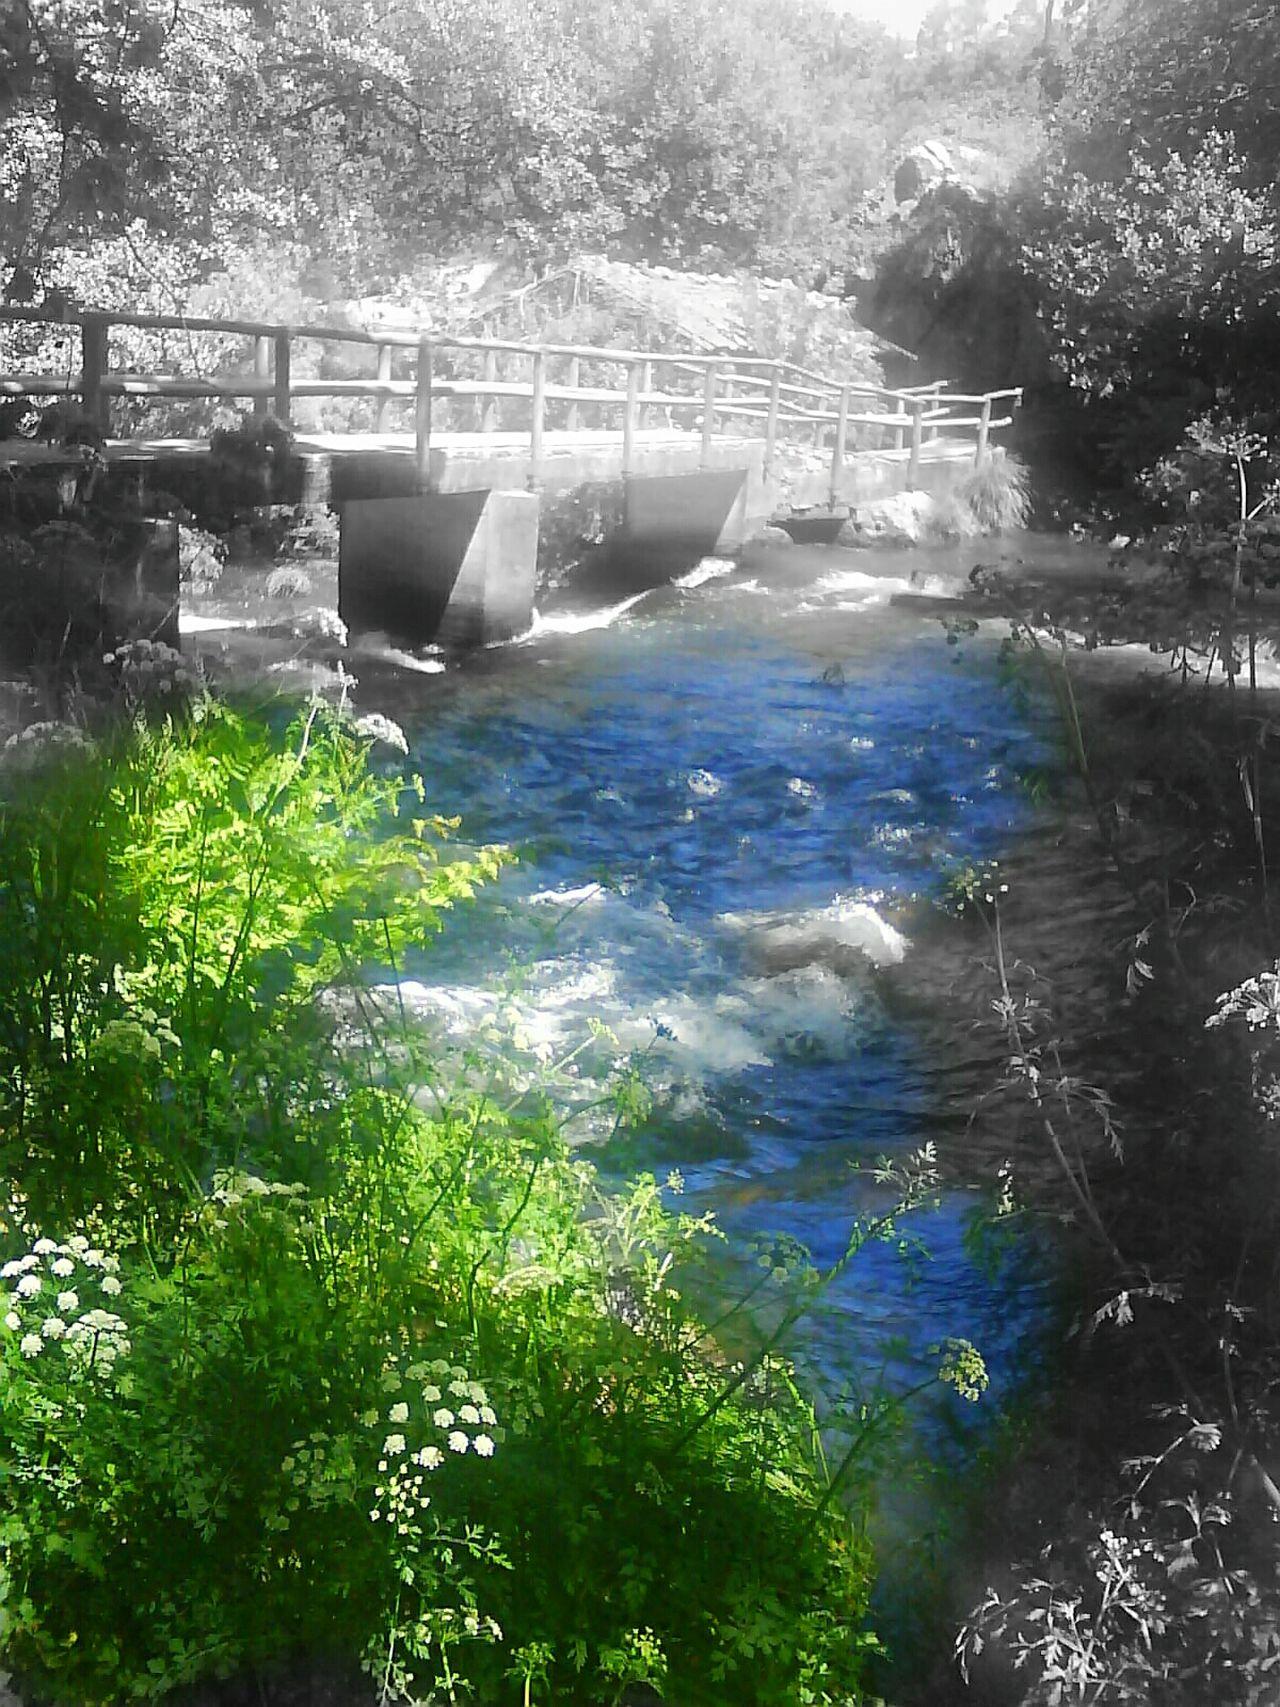 Black And White And Color Galicia, Spain Galicia Coristanco Bosquemagico Bosque Rio